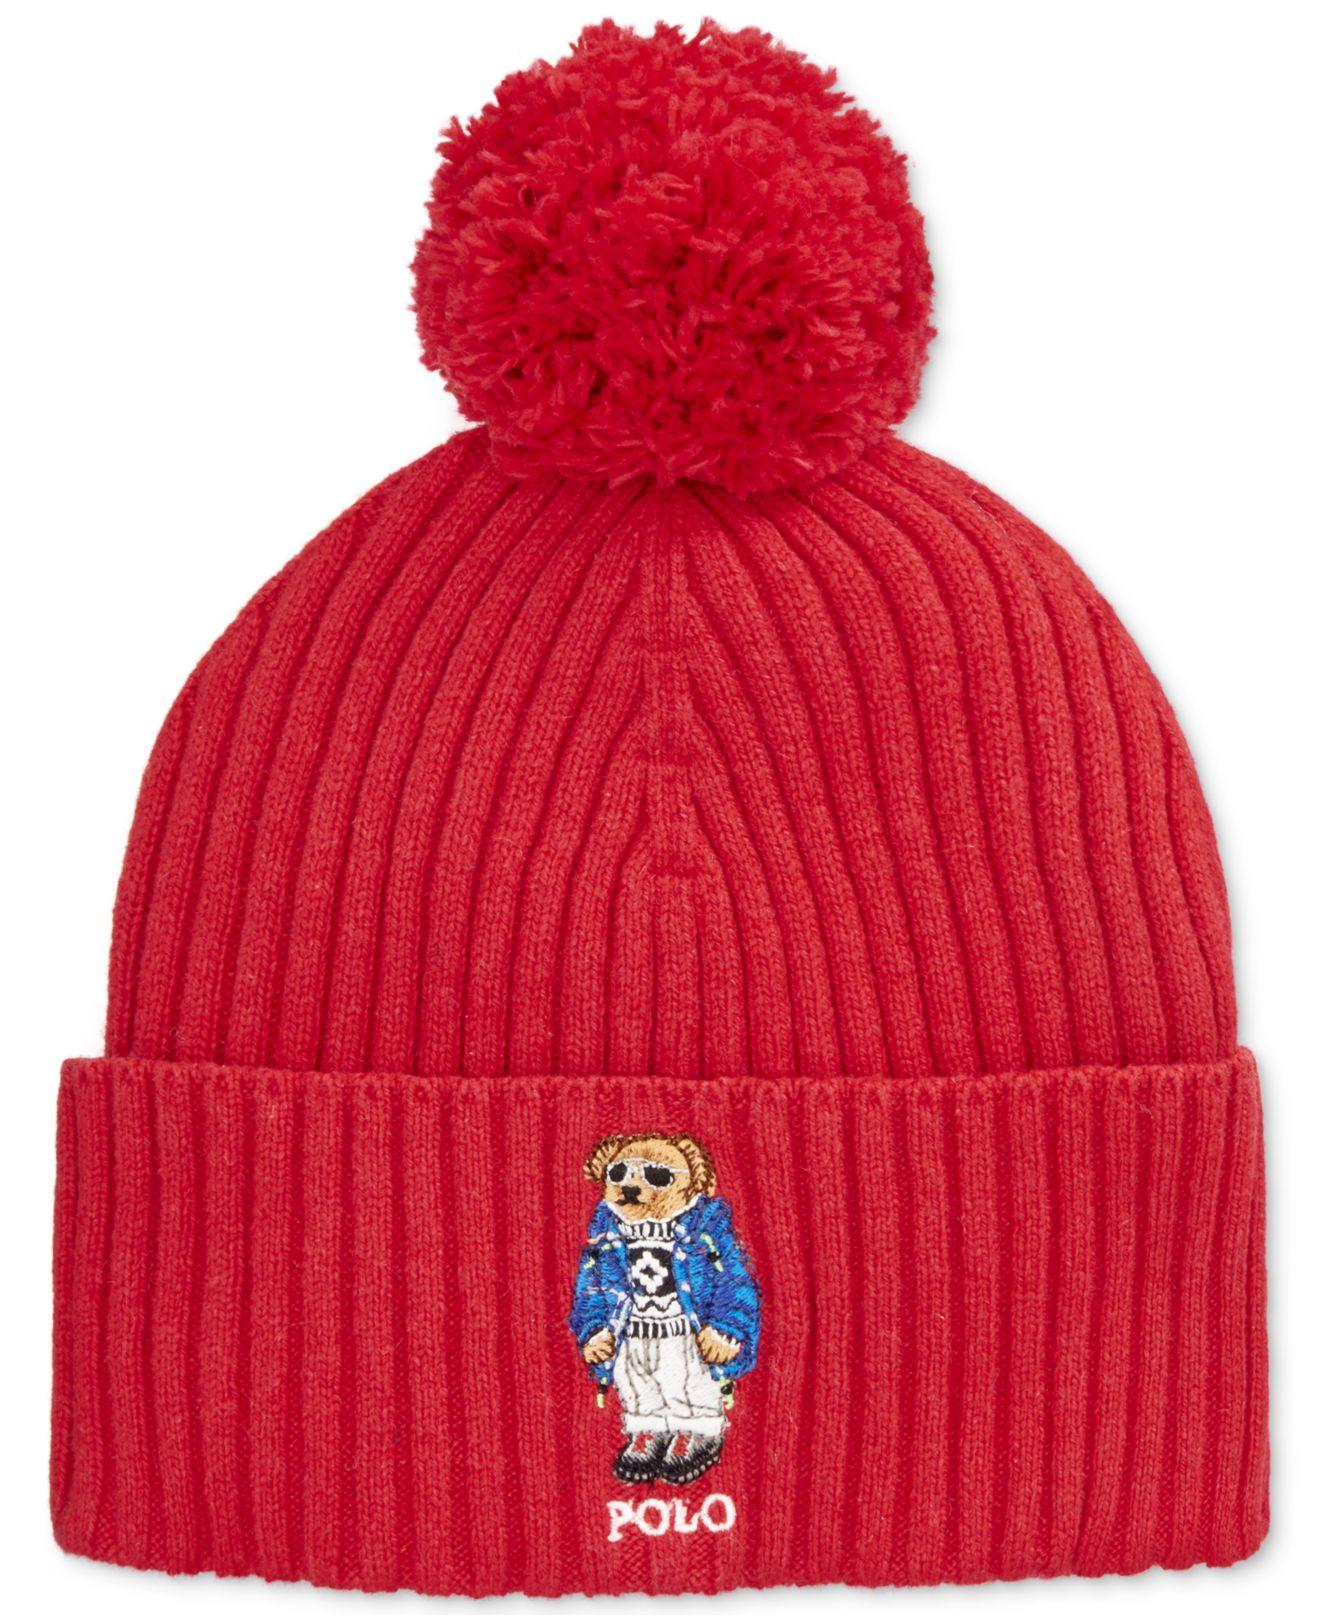 ffeeebe693d Lyst - Polo Ralph Lauren Ski Bear Pom-knit Cuffed Beanie in Red for Men